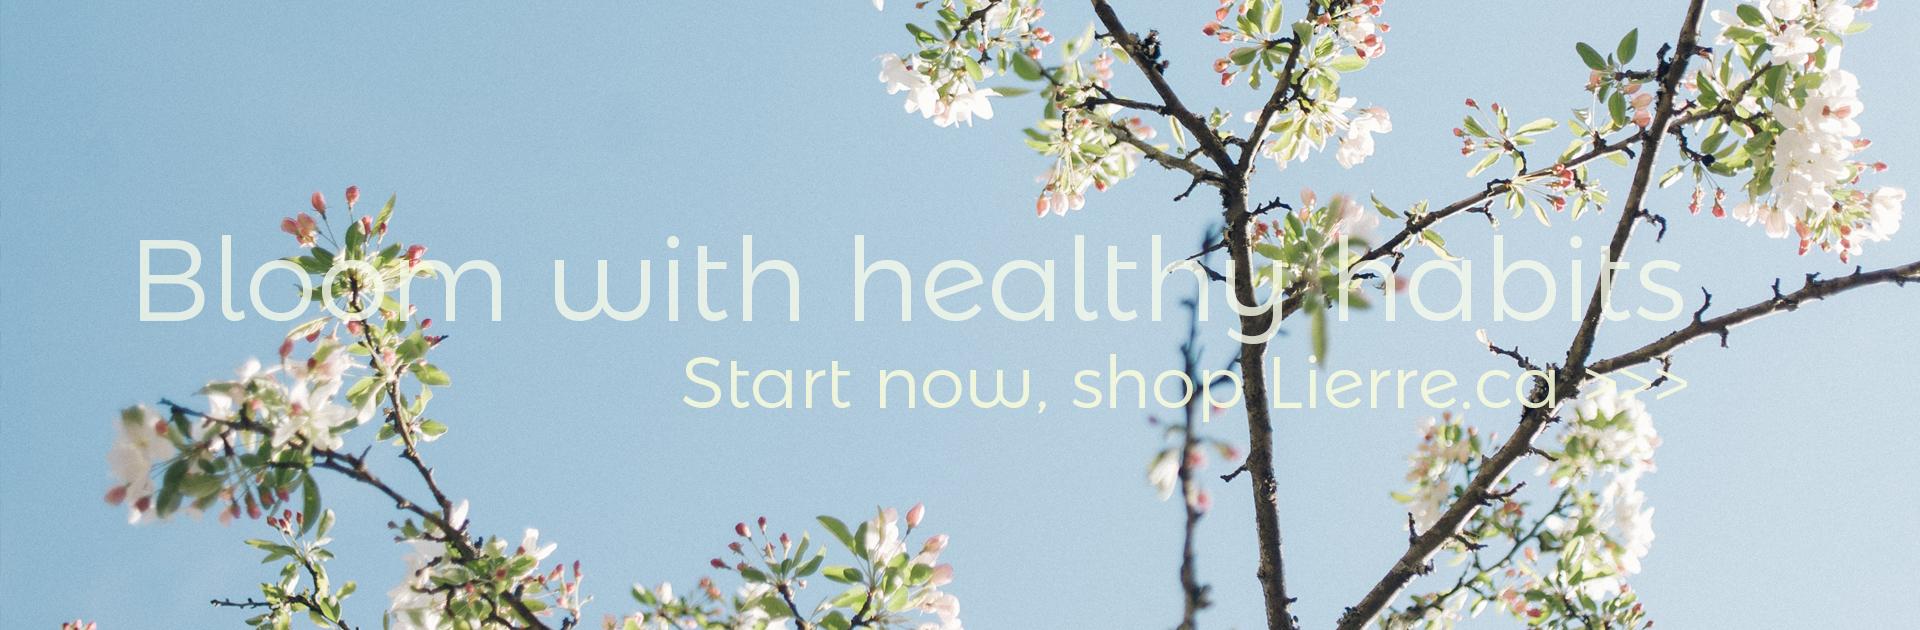 lierre-ca-healthy-habits